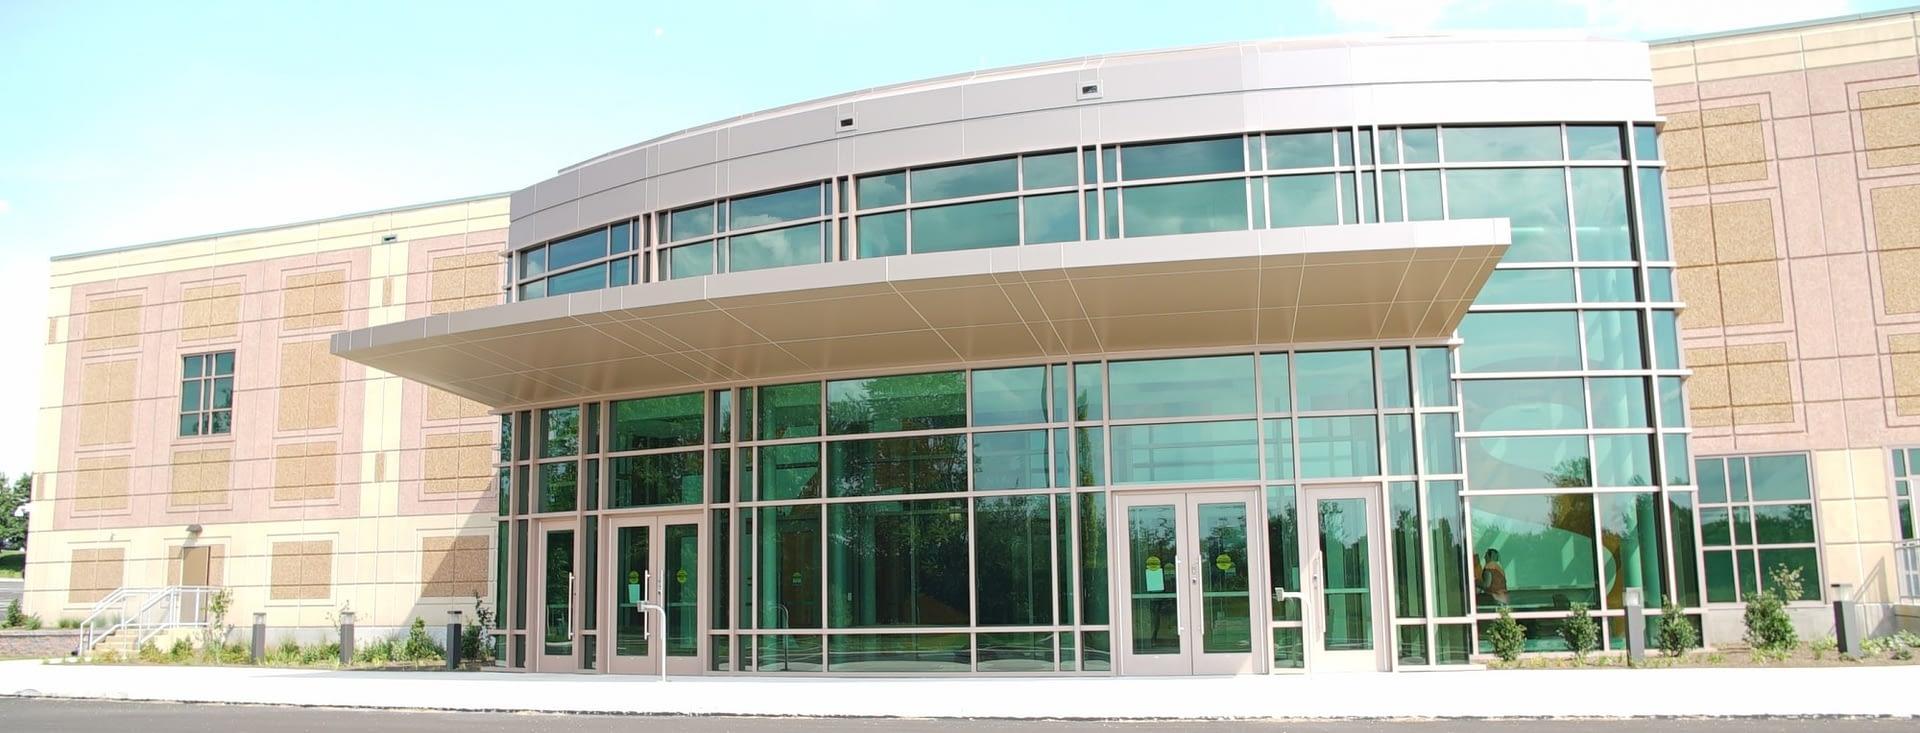 PCHS - Building Front